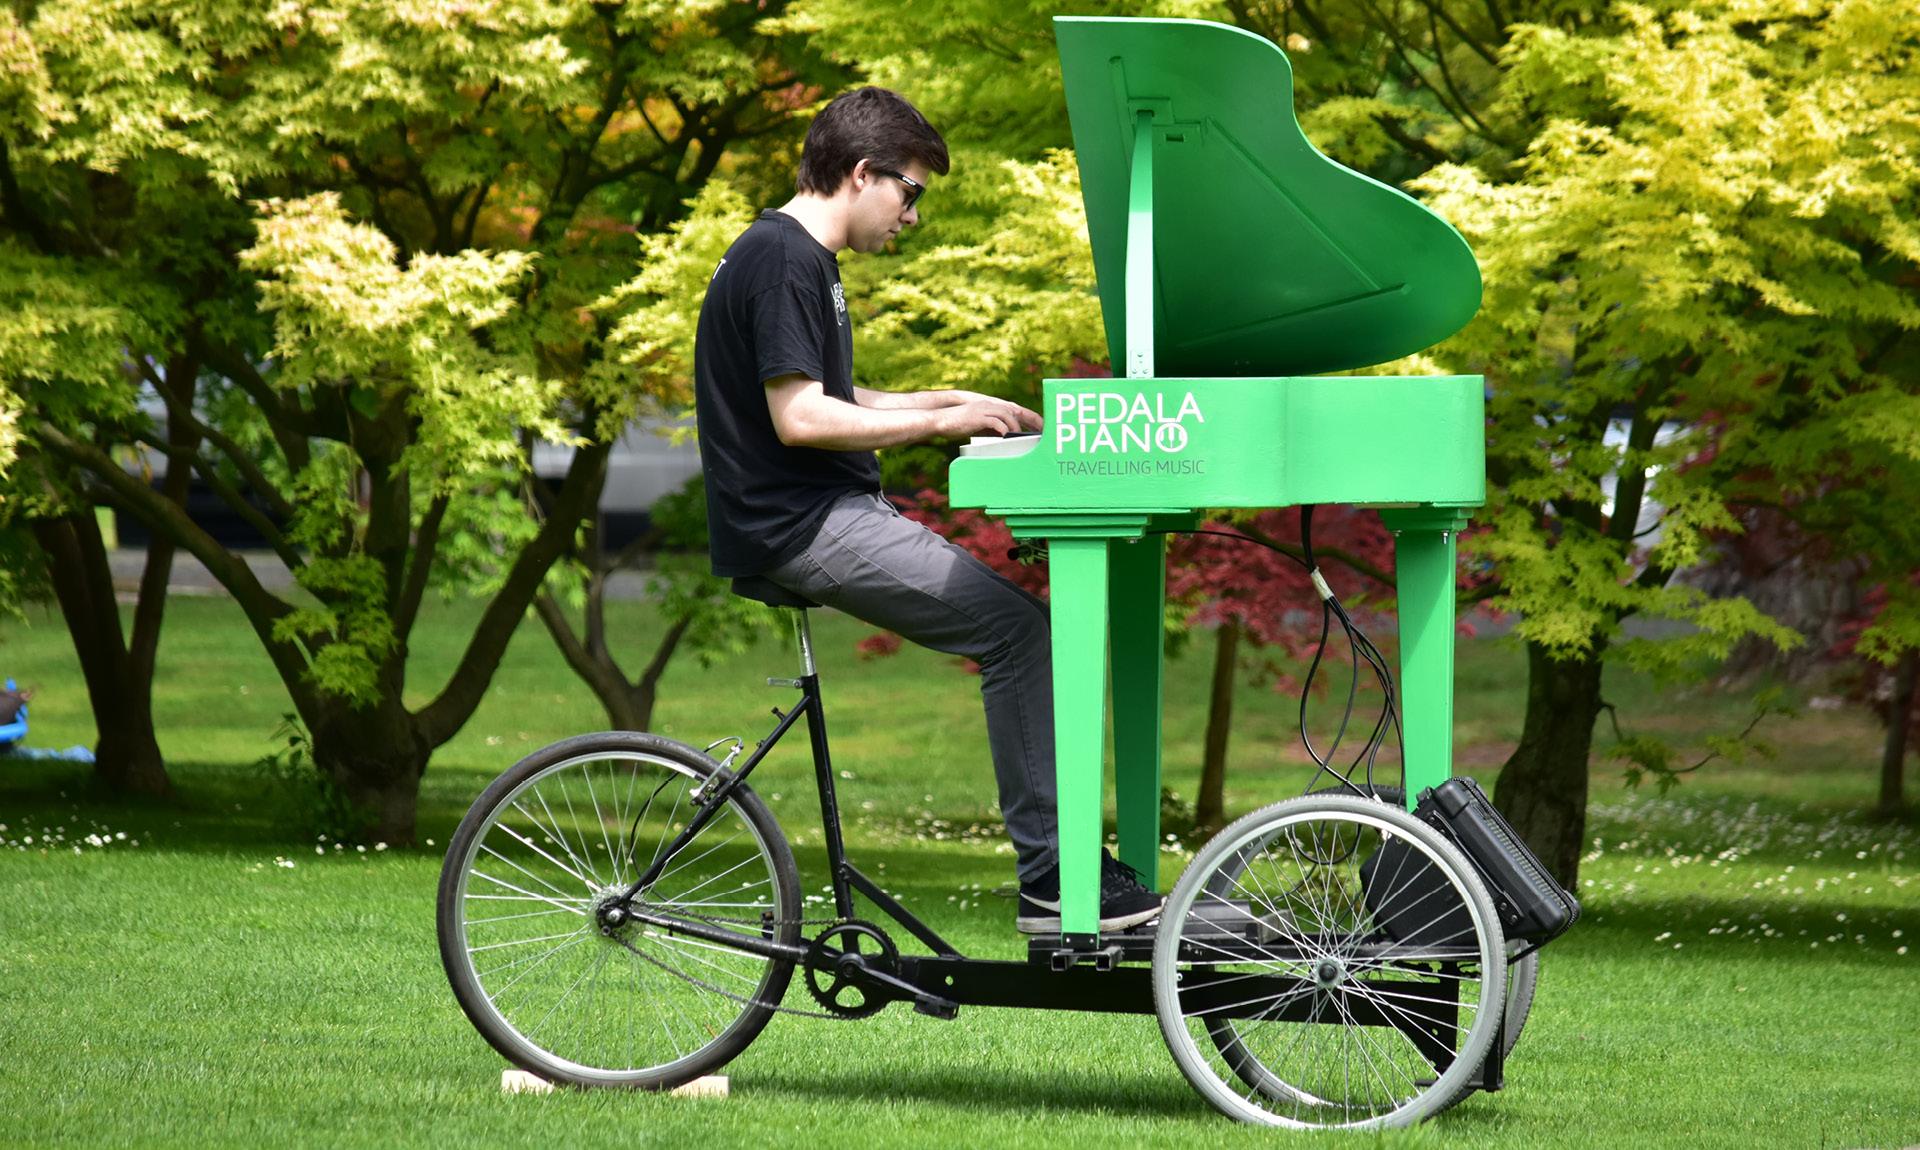 pedala piano.jpg